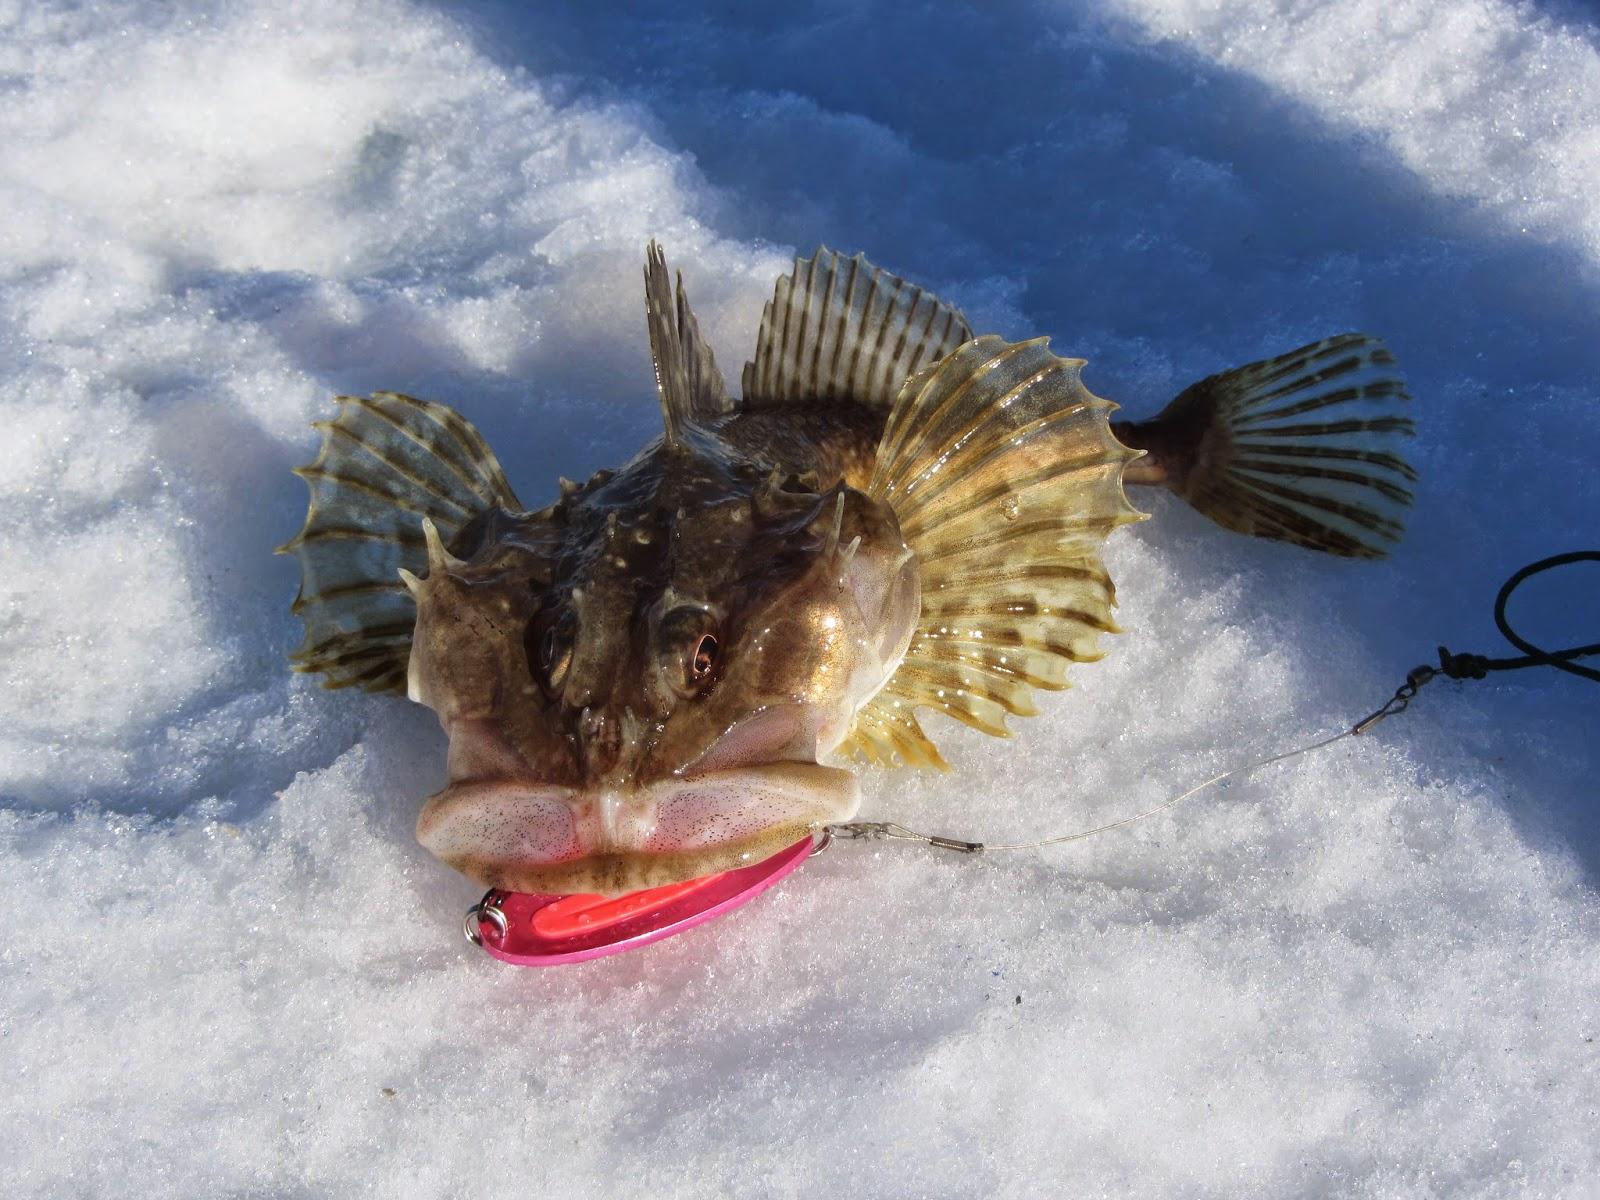 run, gloria, run!: ice fishing in July